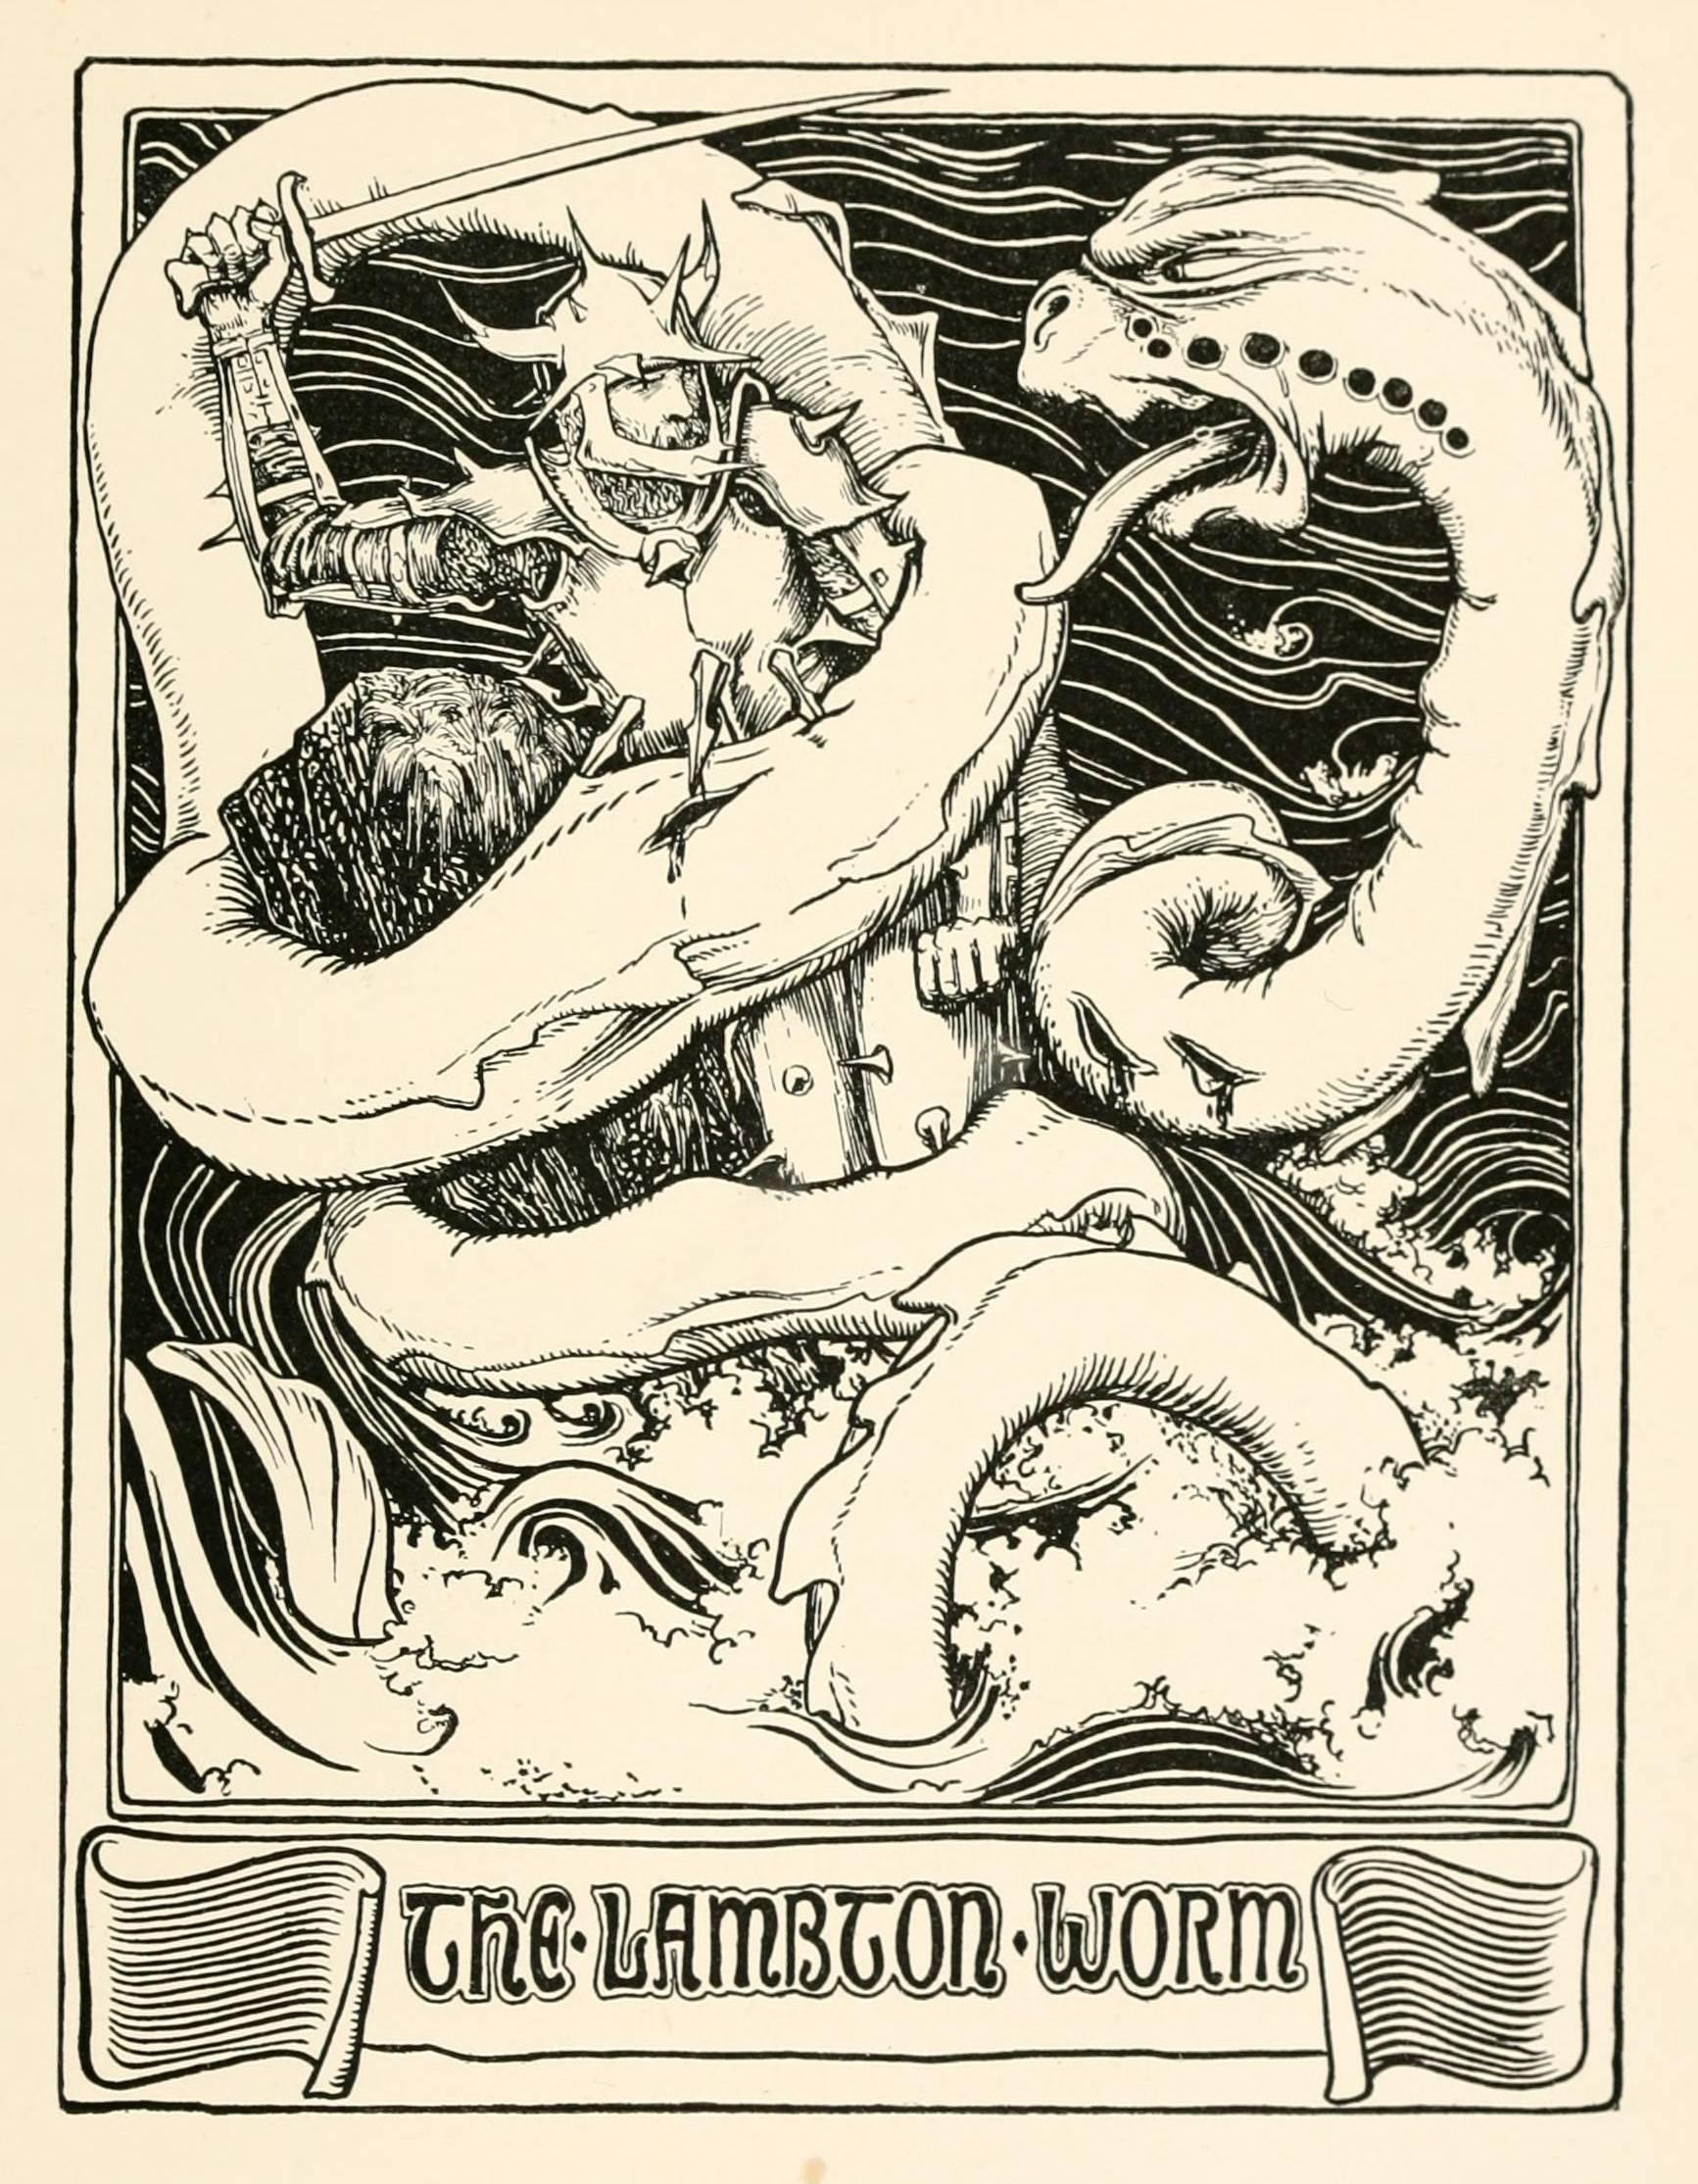 Ламбтонский червь - wi-ki.ru c комментариями